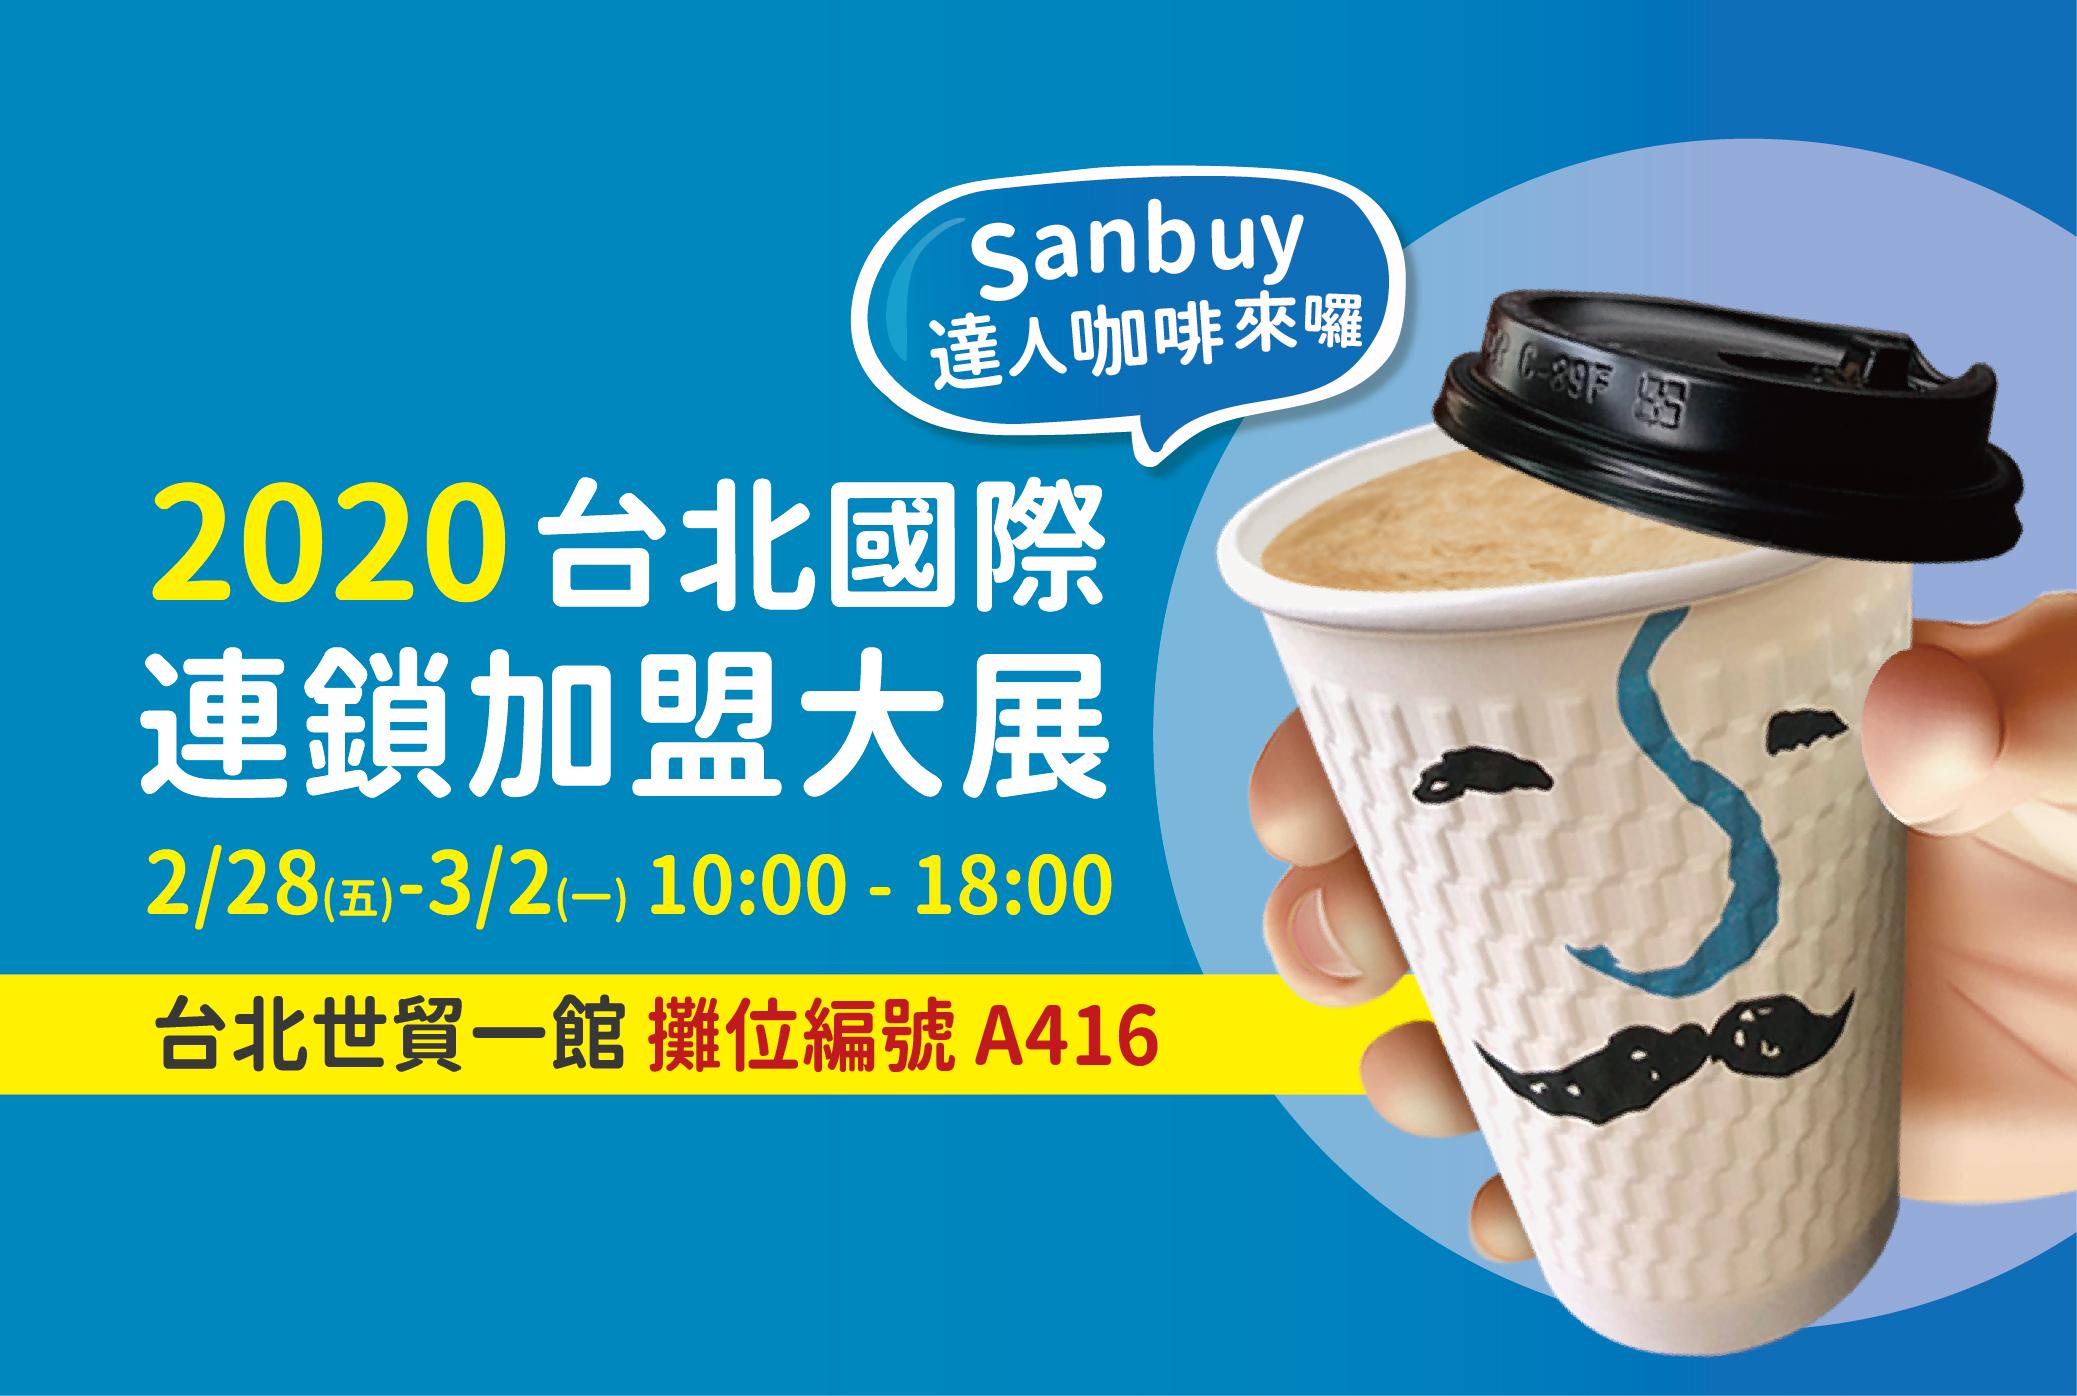 【寶島報好康】兼職也可以做頭家的『IoT智能精品咖啡館Sanbuy Café』開放加盟囉